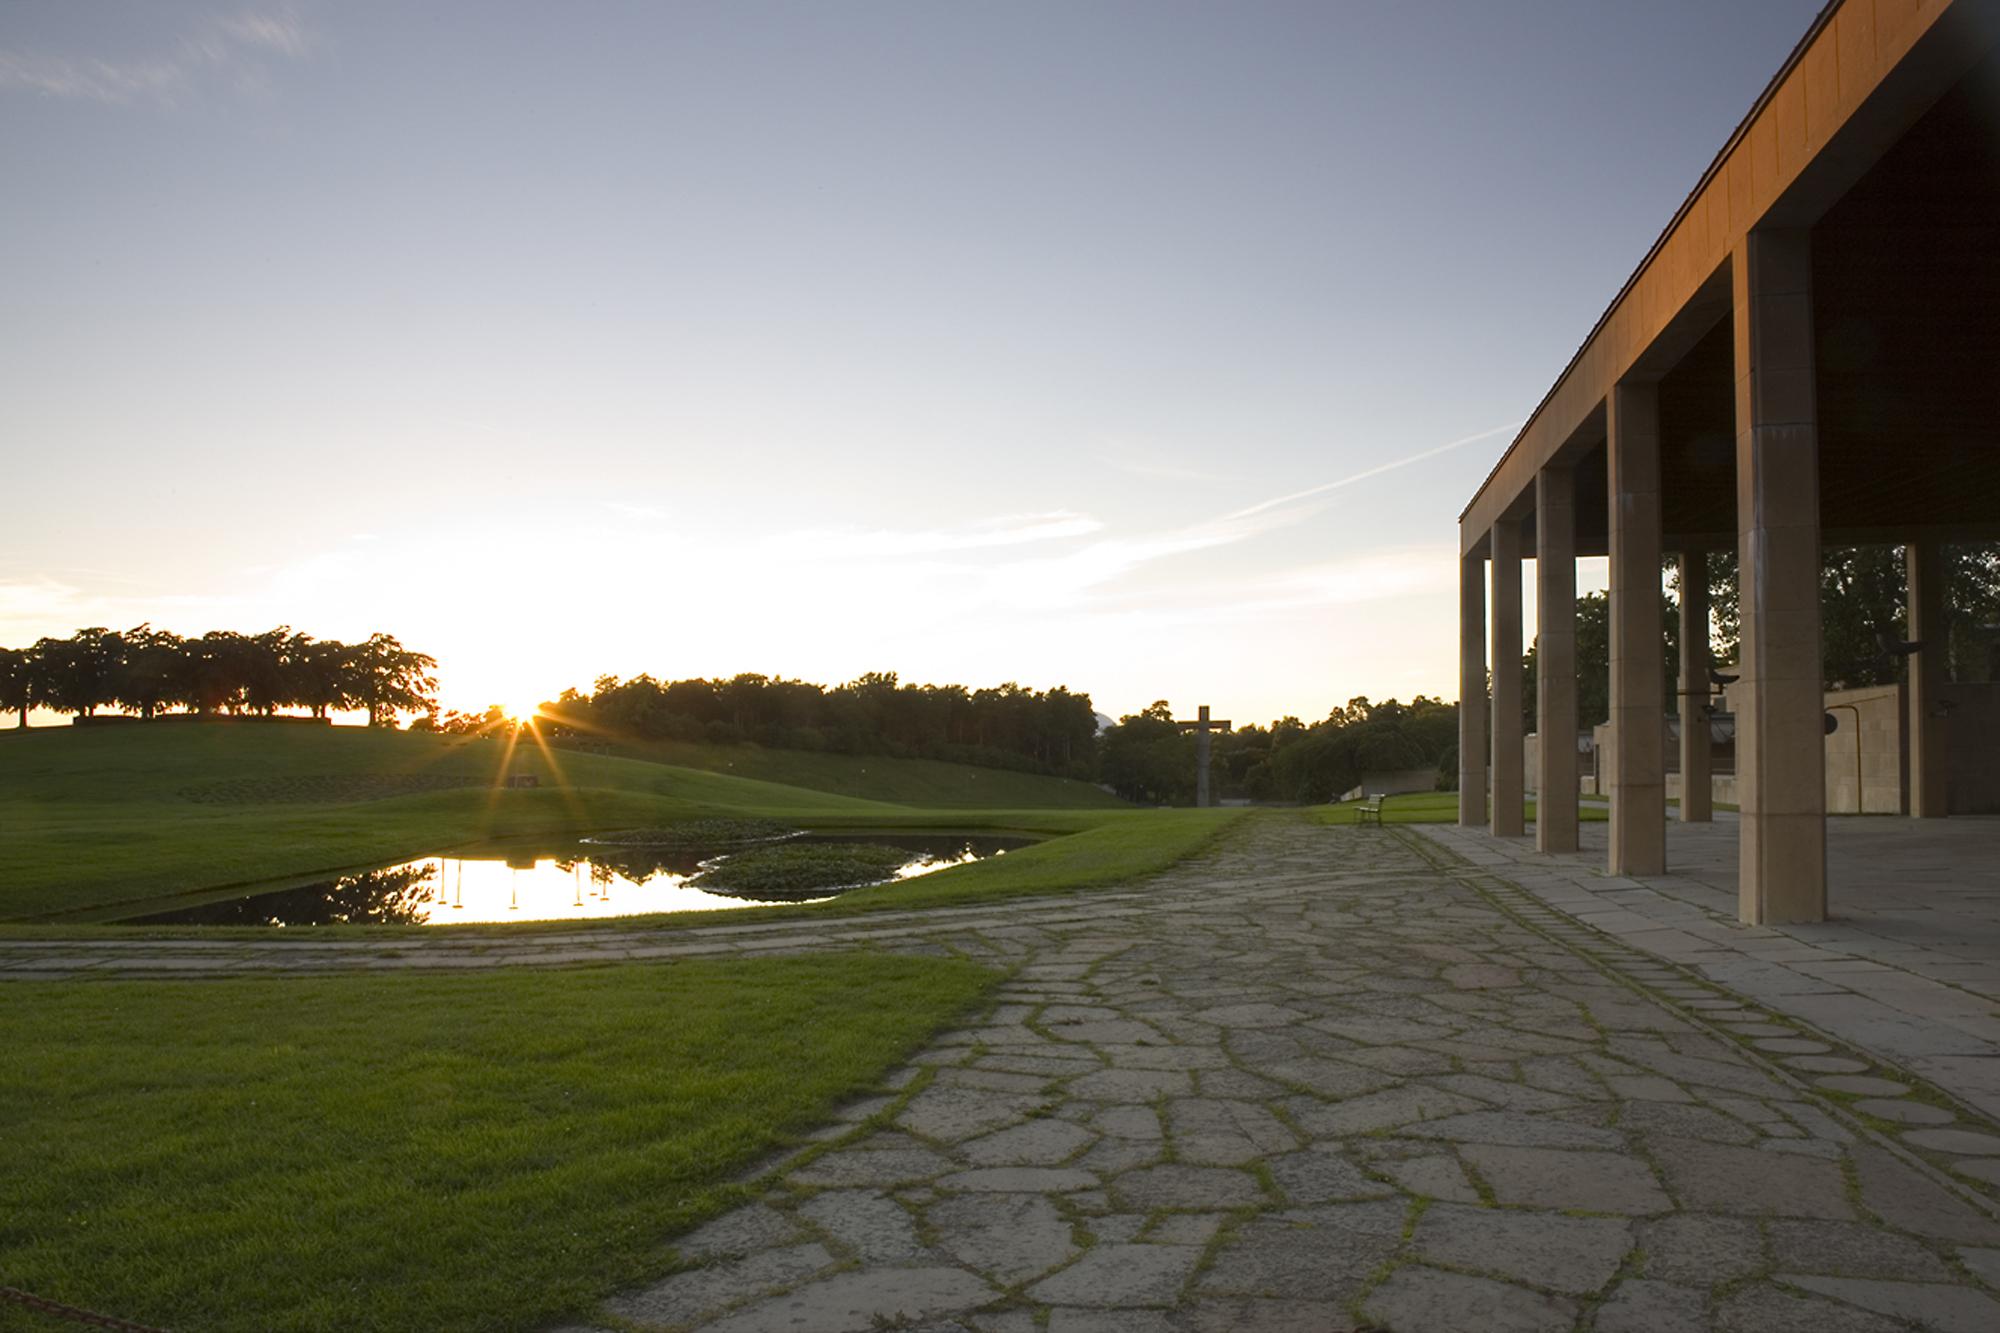 Världsarvet Skogskyrkogården Foto: Susanne Hallmann